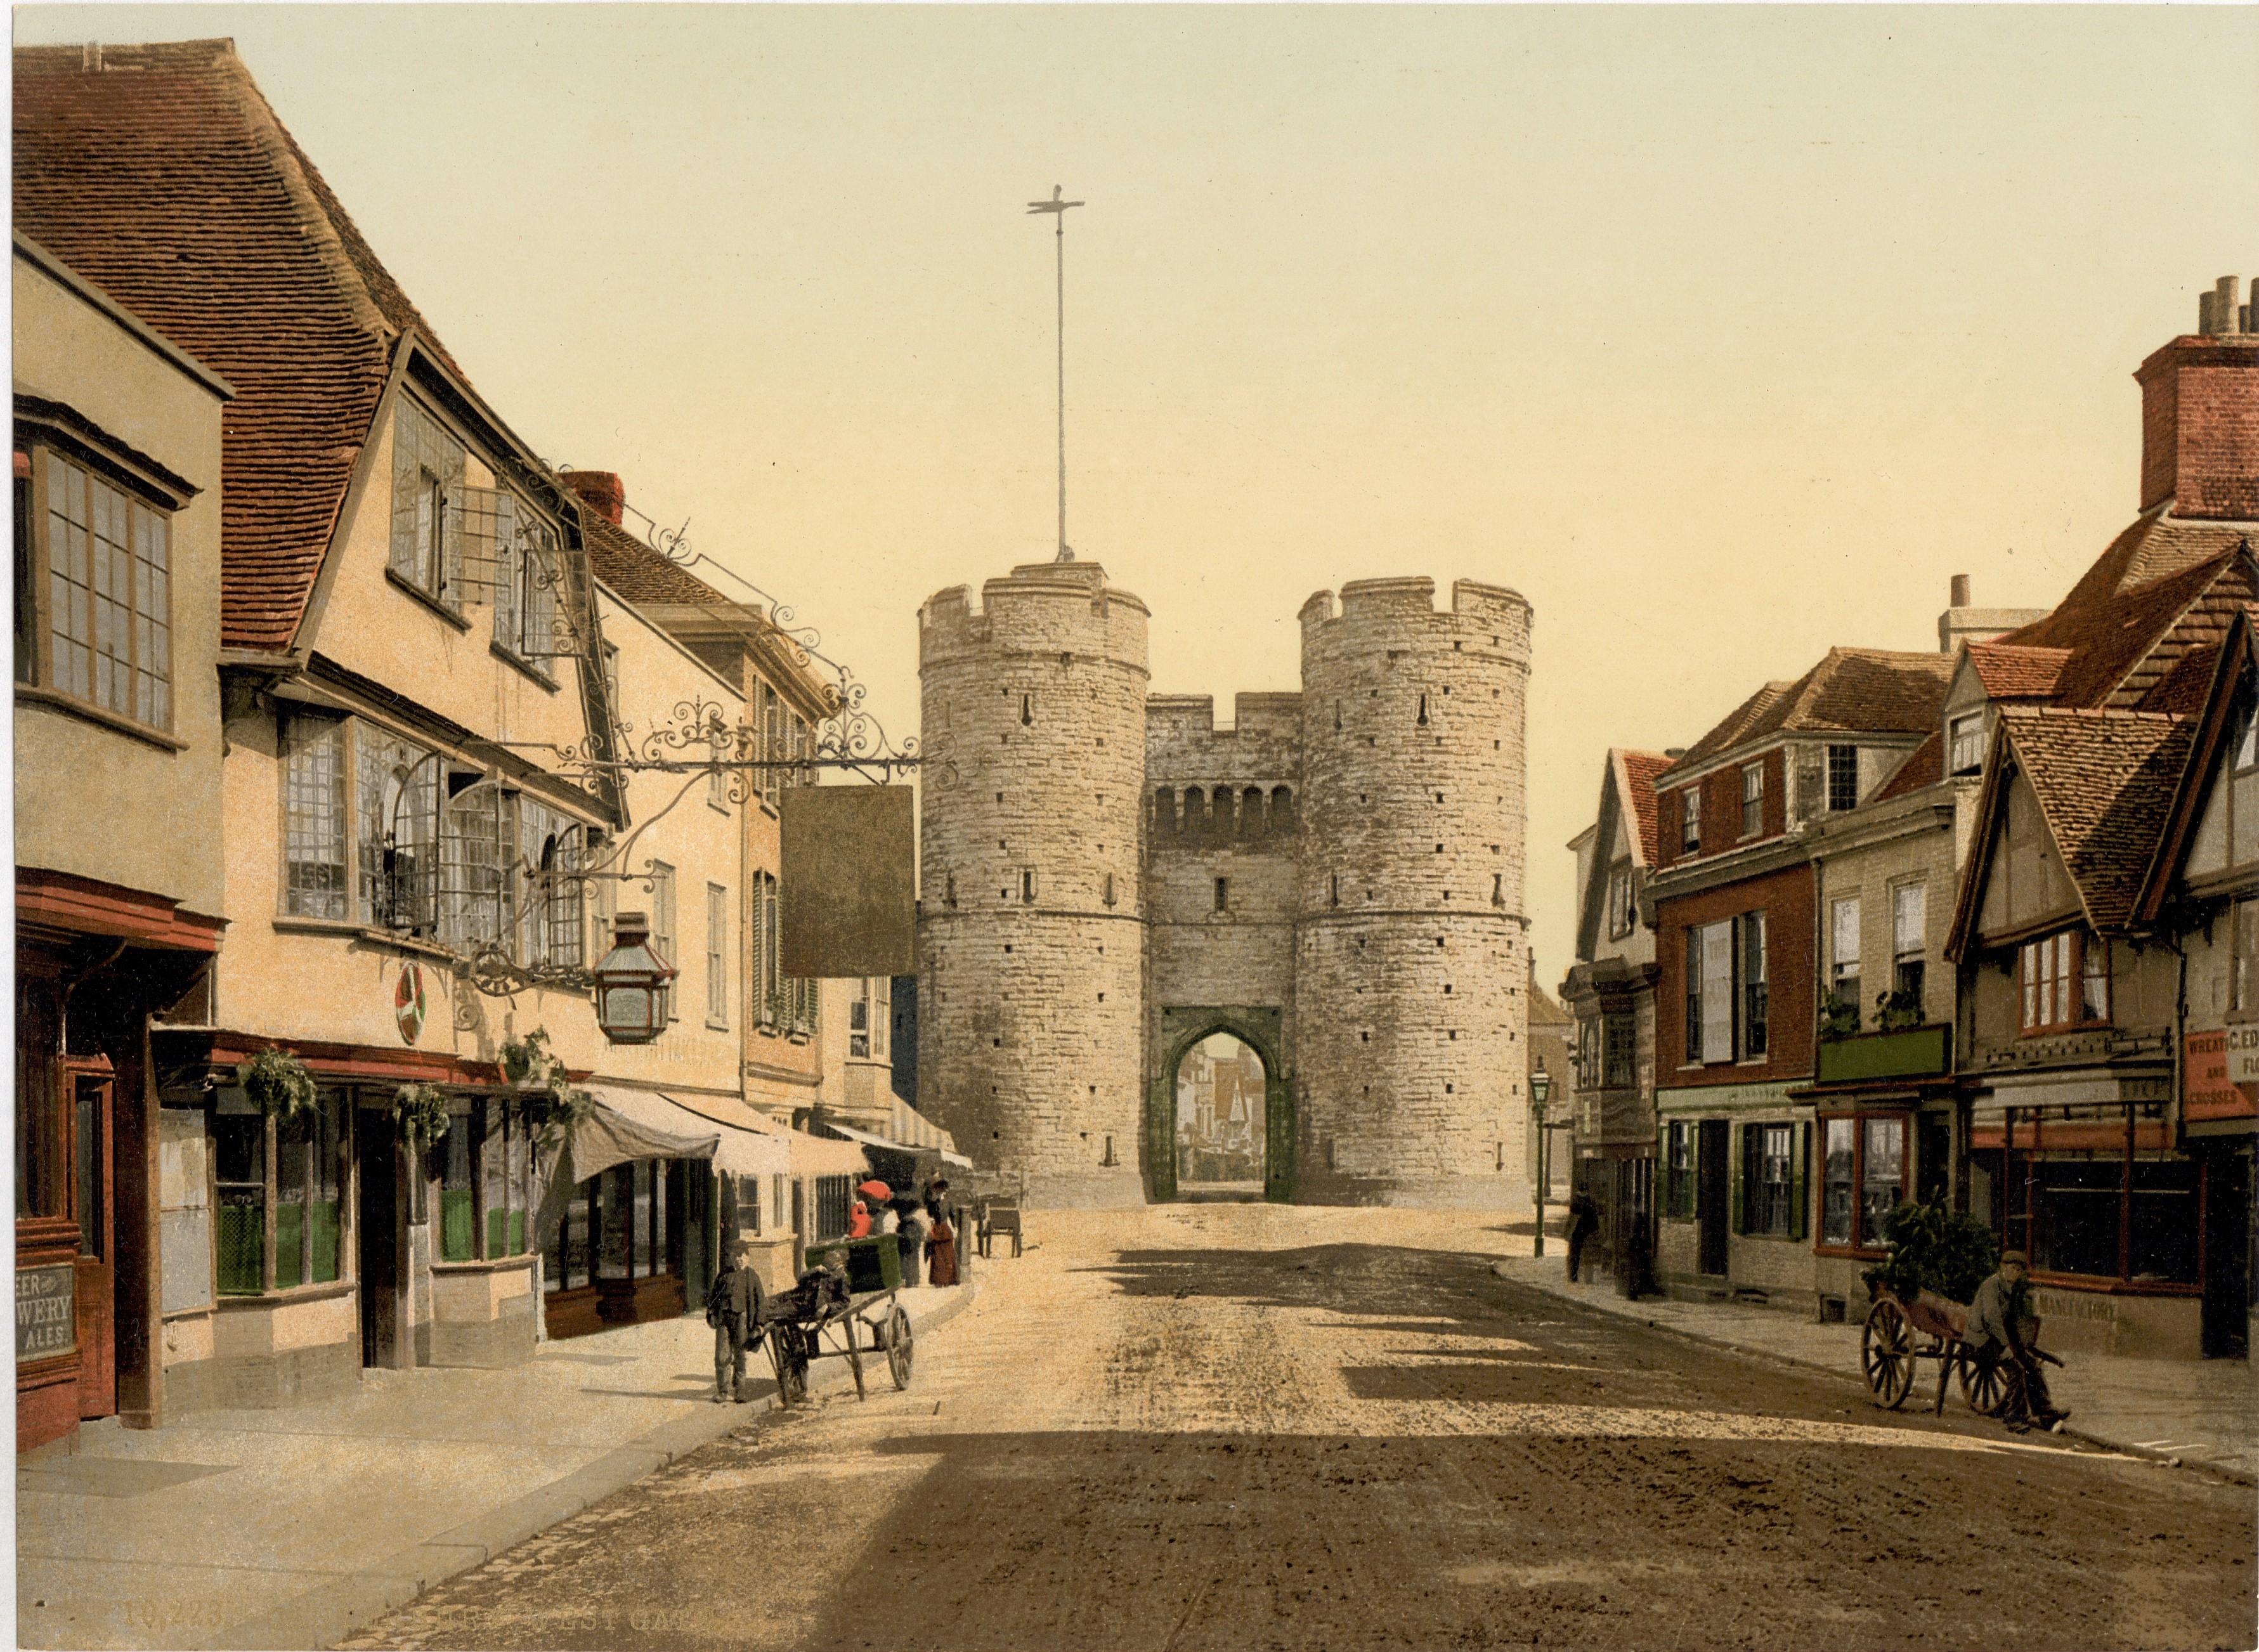 Sehenswrdigkeiten und Aktivitten in Kent und Canterbury